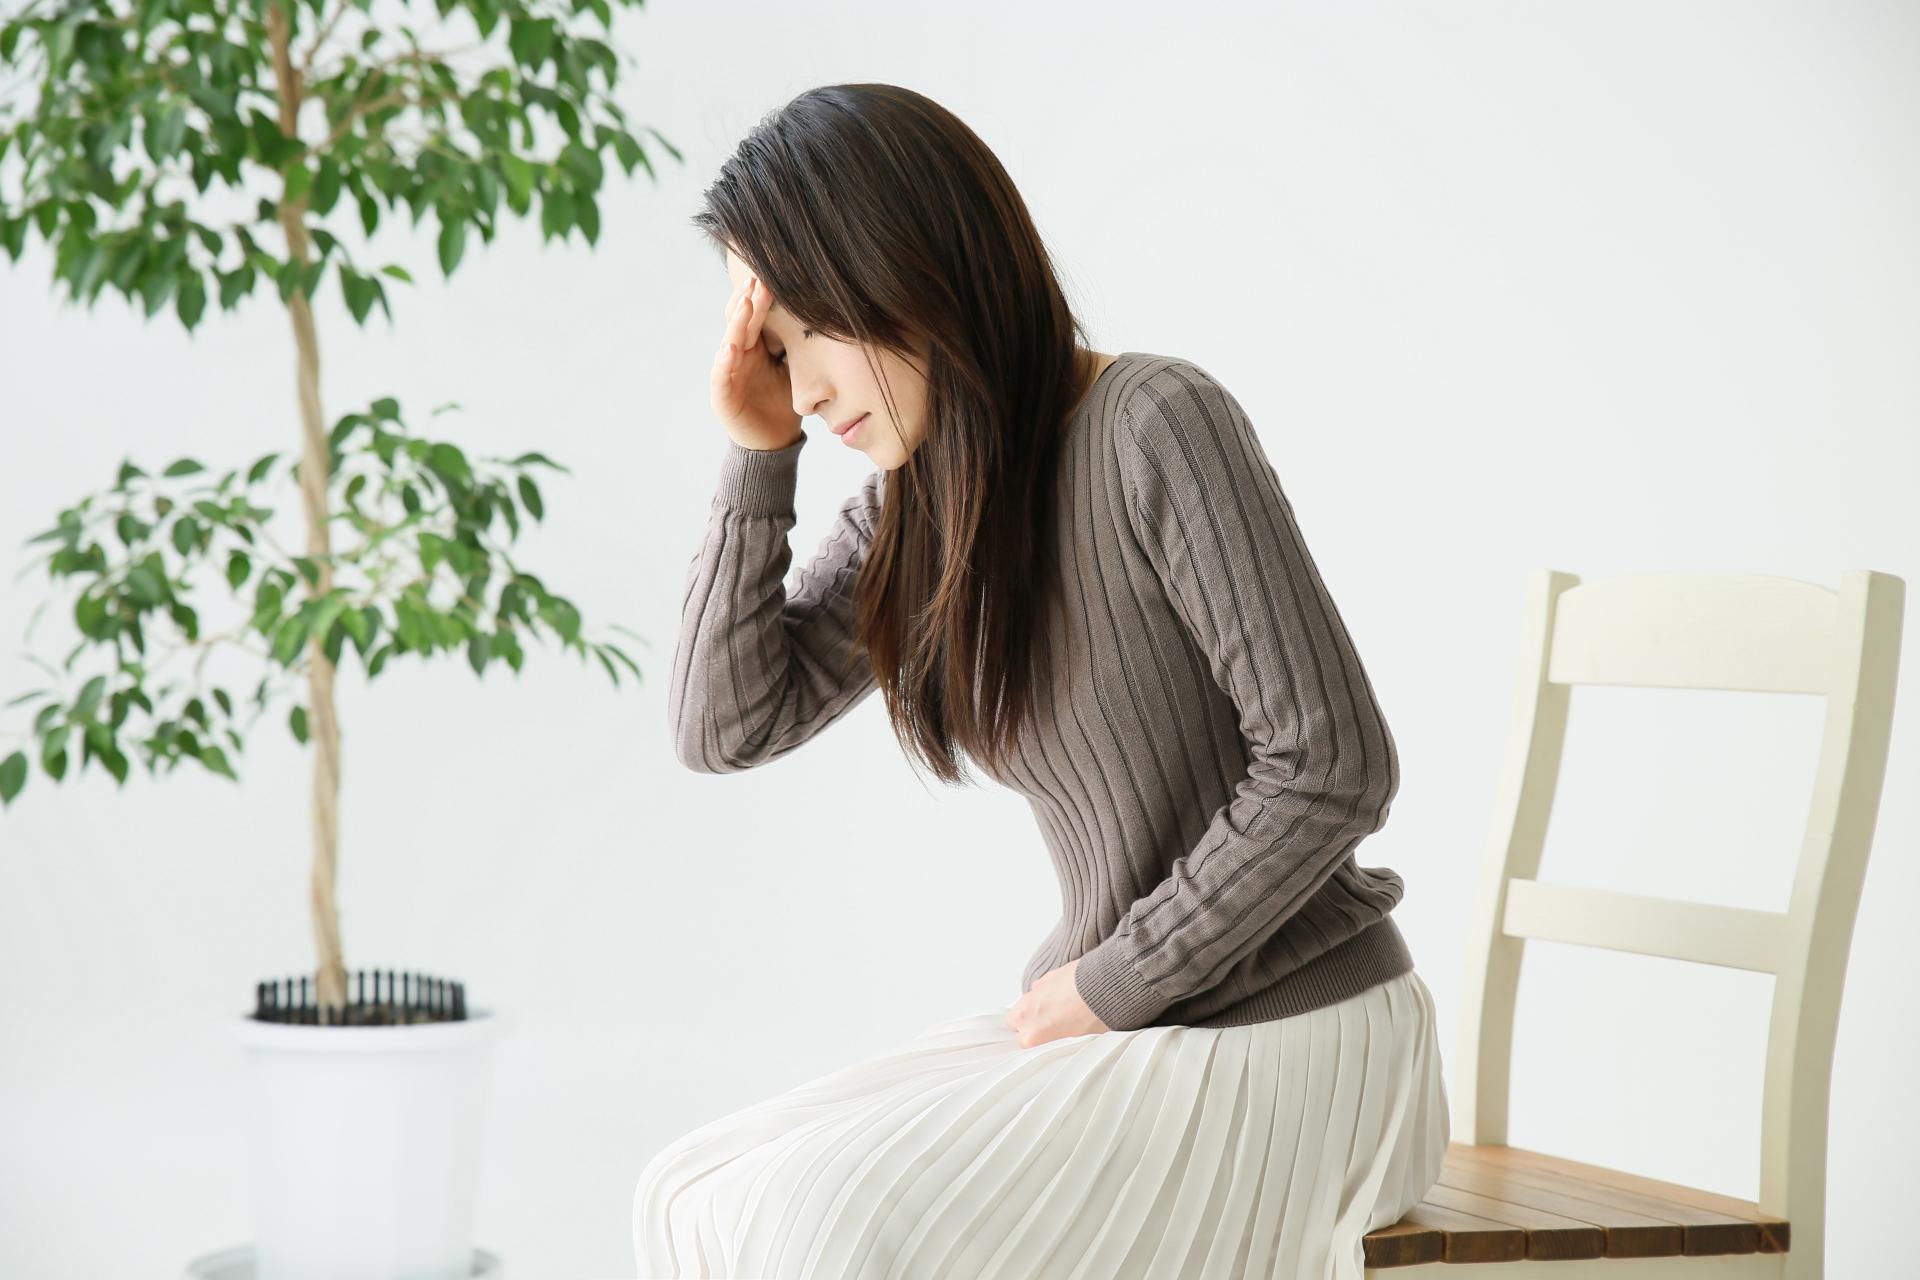 自律神経失調症が治らない理由【短期的効果を期待しない】